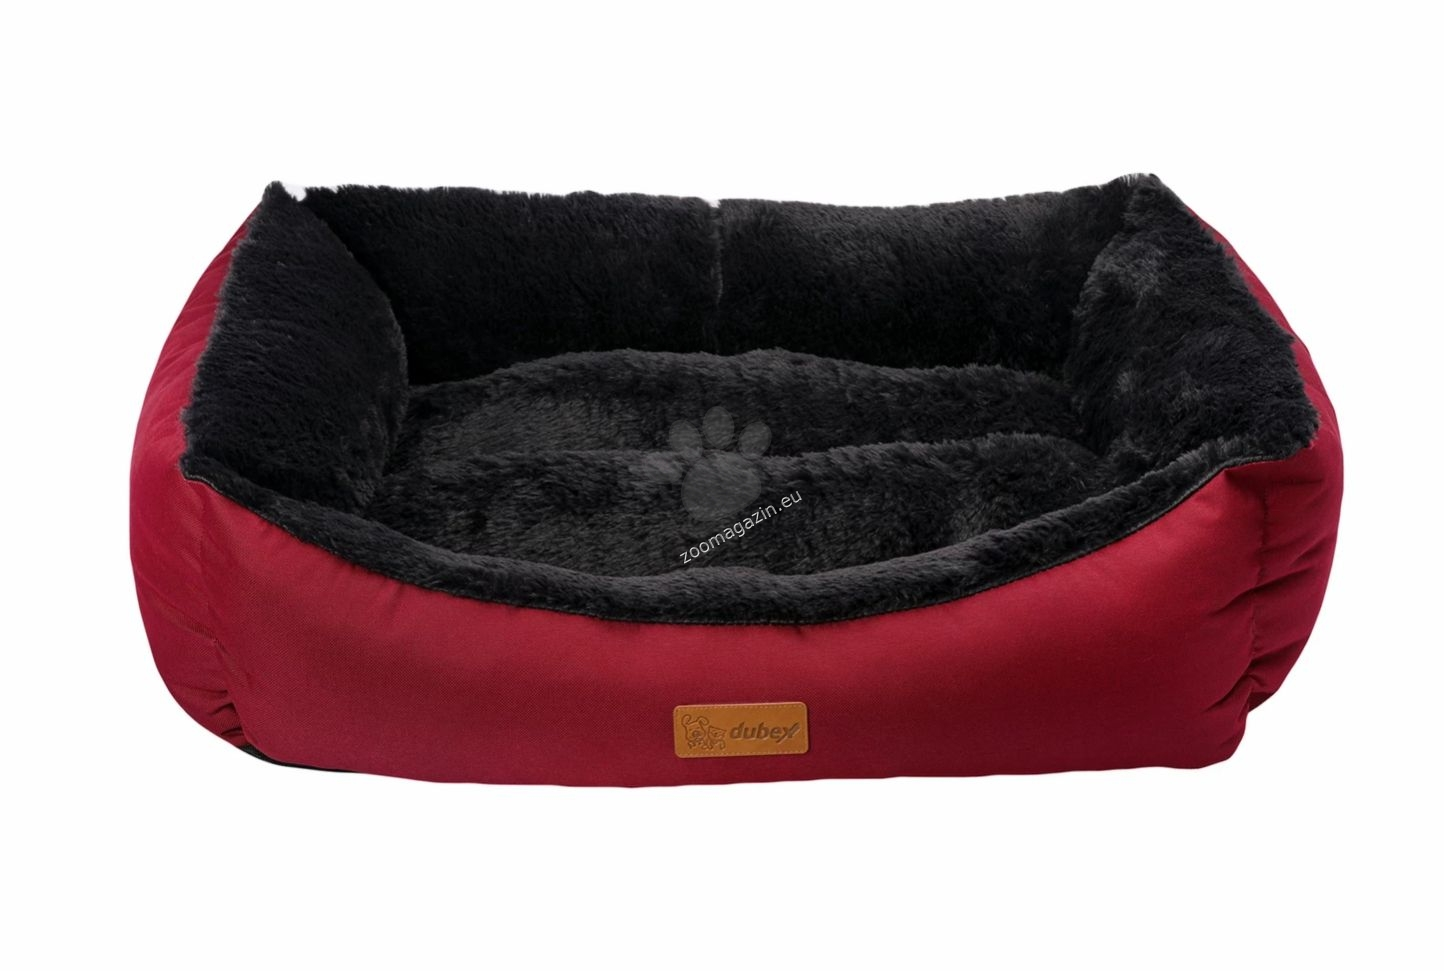 Dubex Jellybean bed S - меко легло / червено, синьо / 50 / 38 / 19 см.